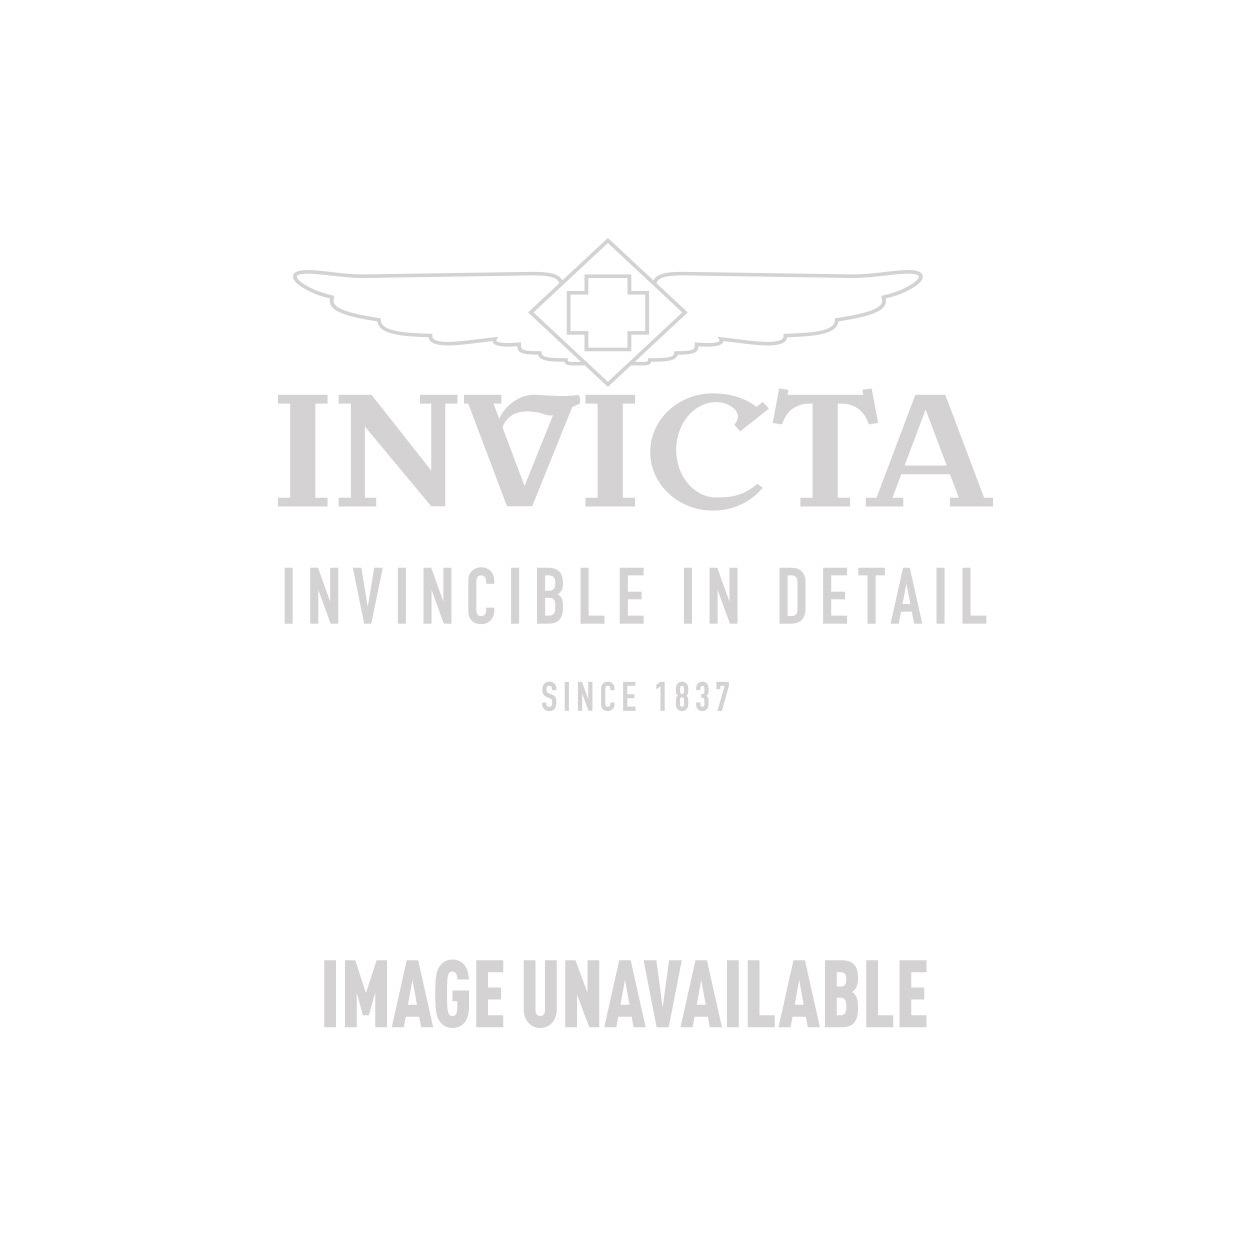 Invicta Model 27908